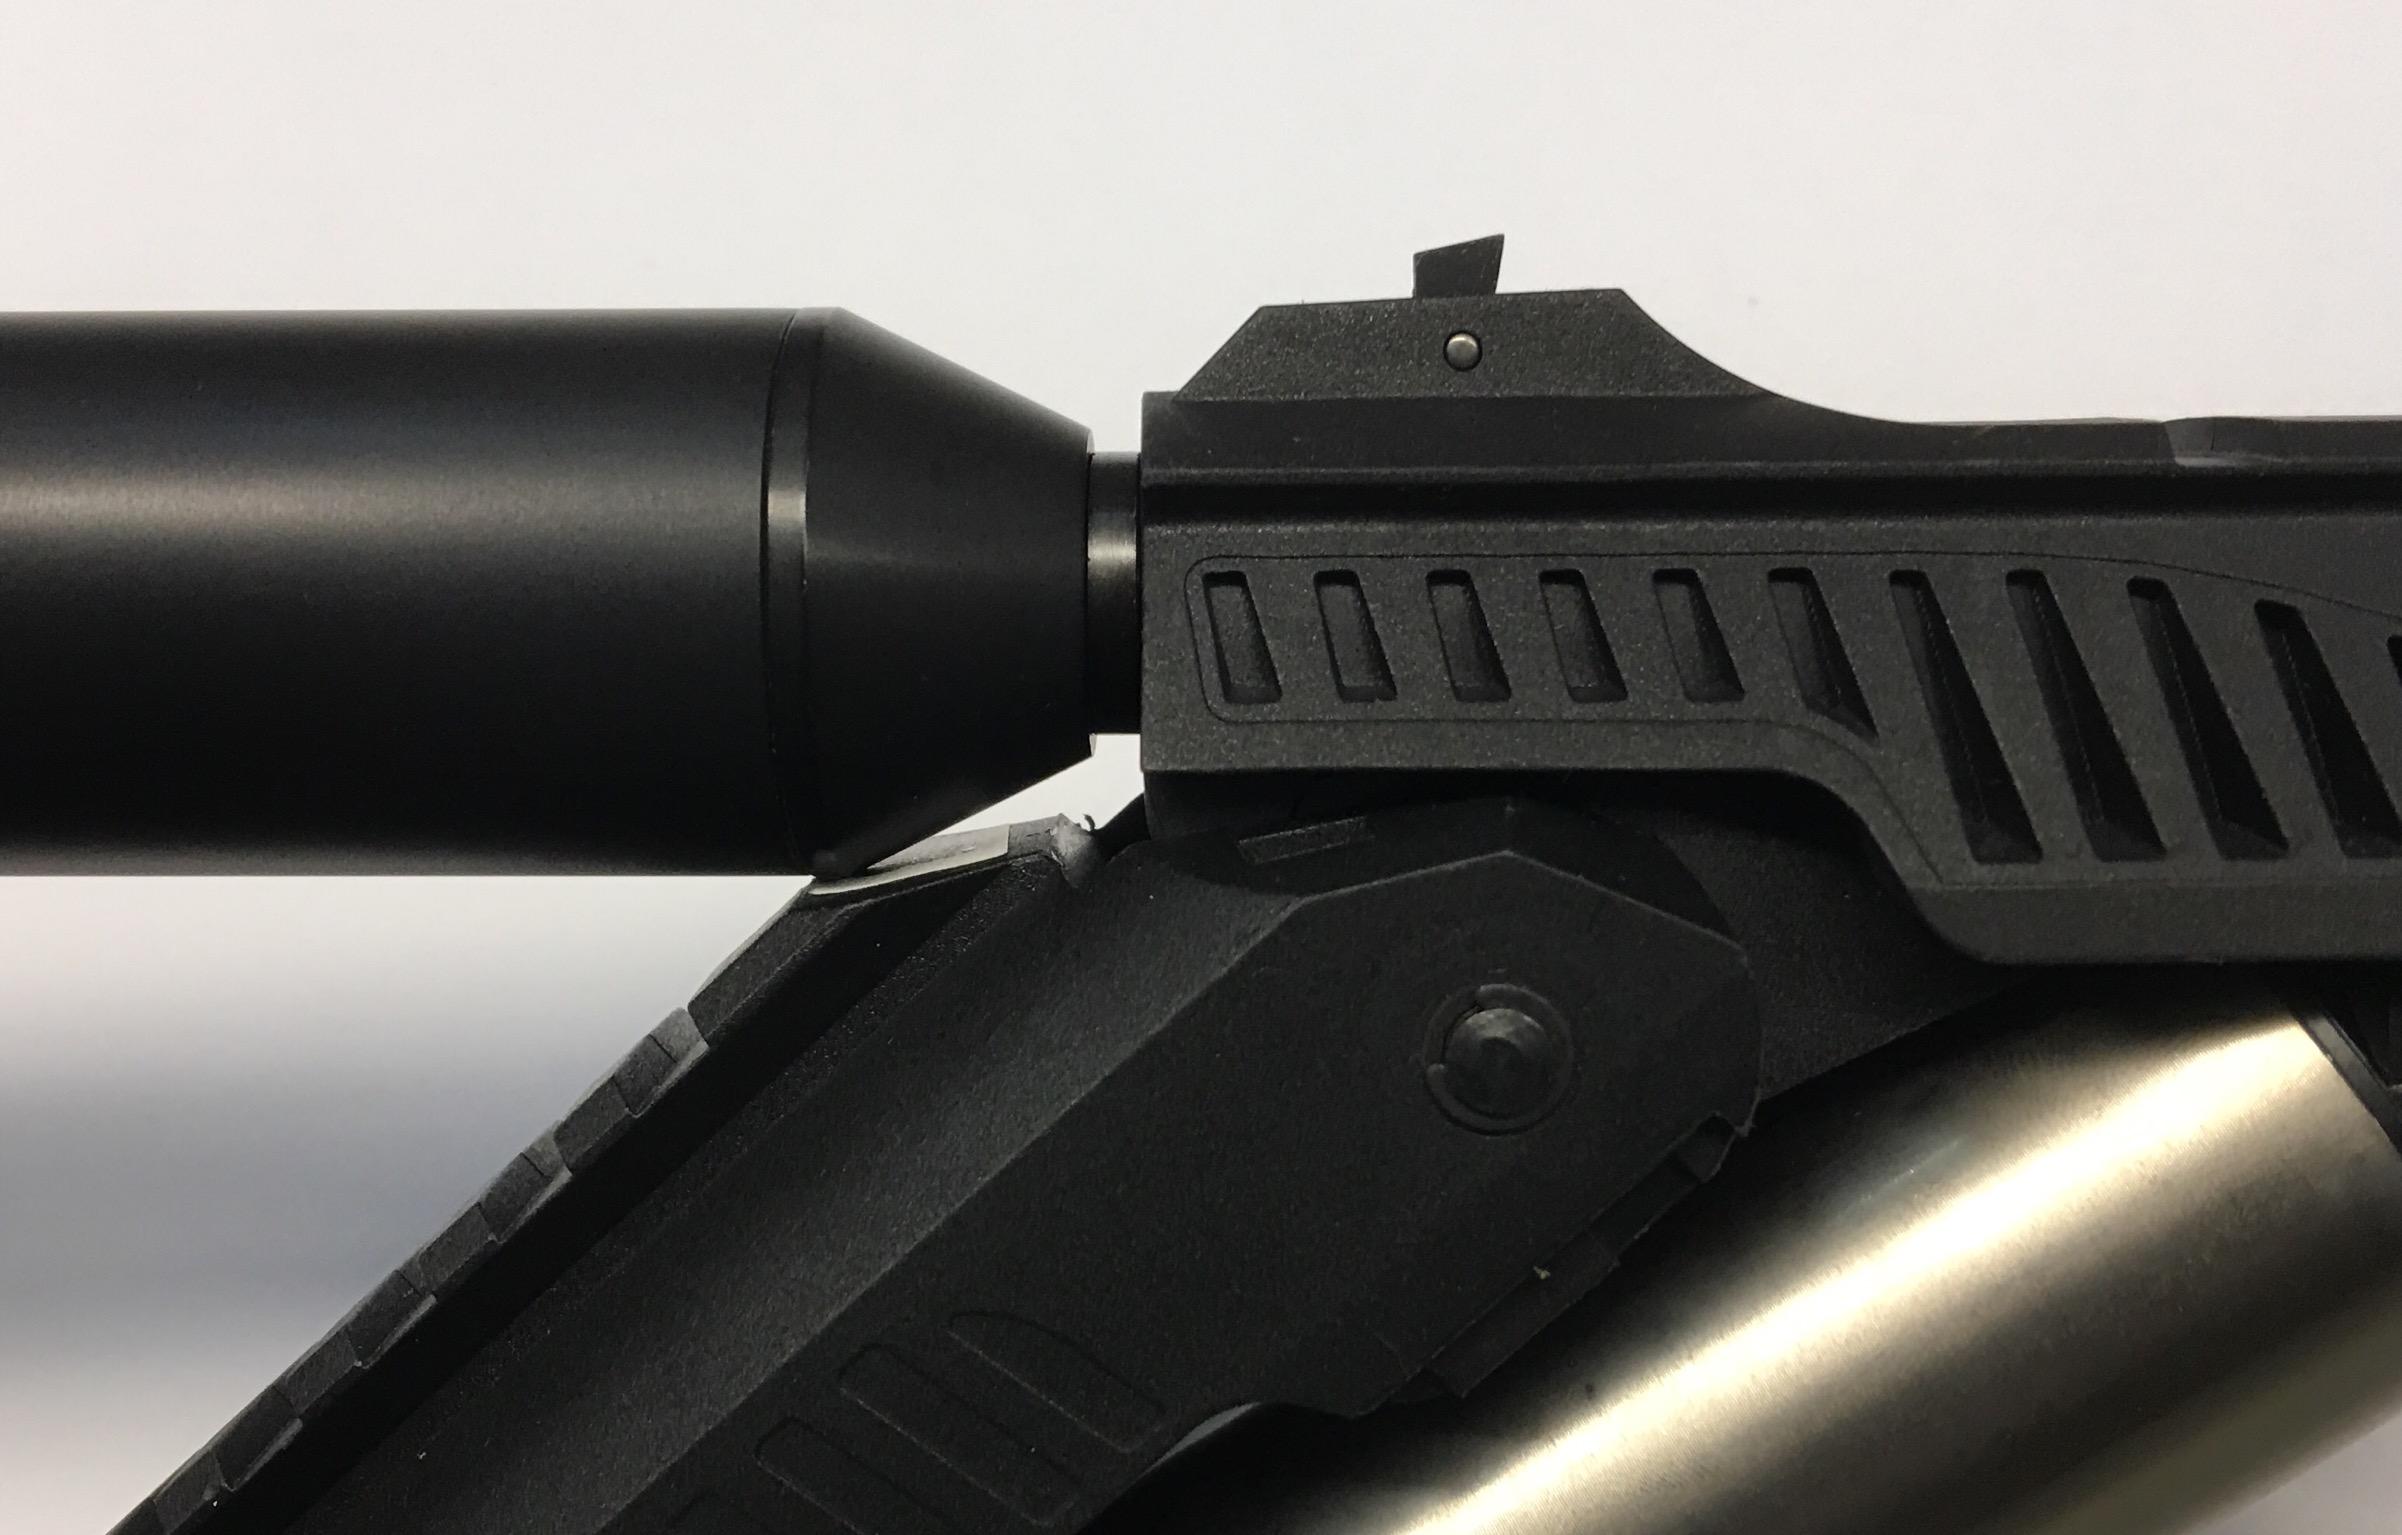 Dieses Anwendungsbeispiel an einer <a href=1160110.htm>Luftpistole Zoraki</a> macht deutlich, wozu die abgeschrägte Seite von diesem effizienten Dämpfer gut sein kann. Man erreicht den nahezu vollständigen Öffnungswinkel.